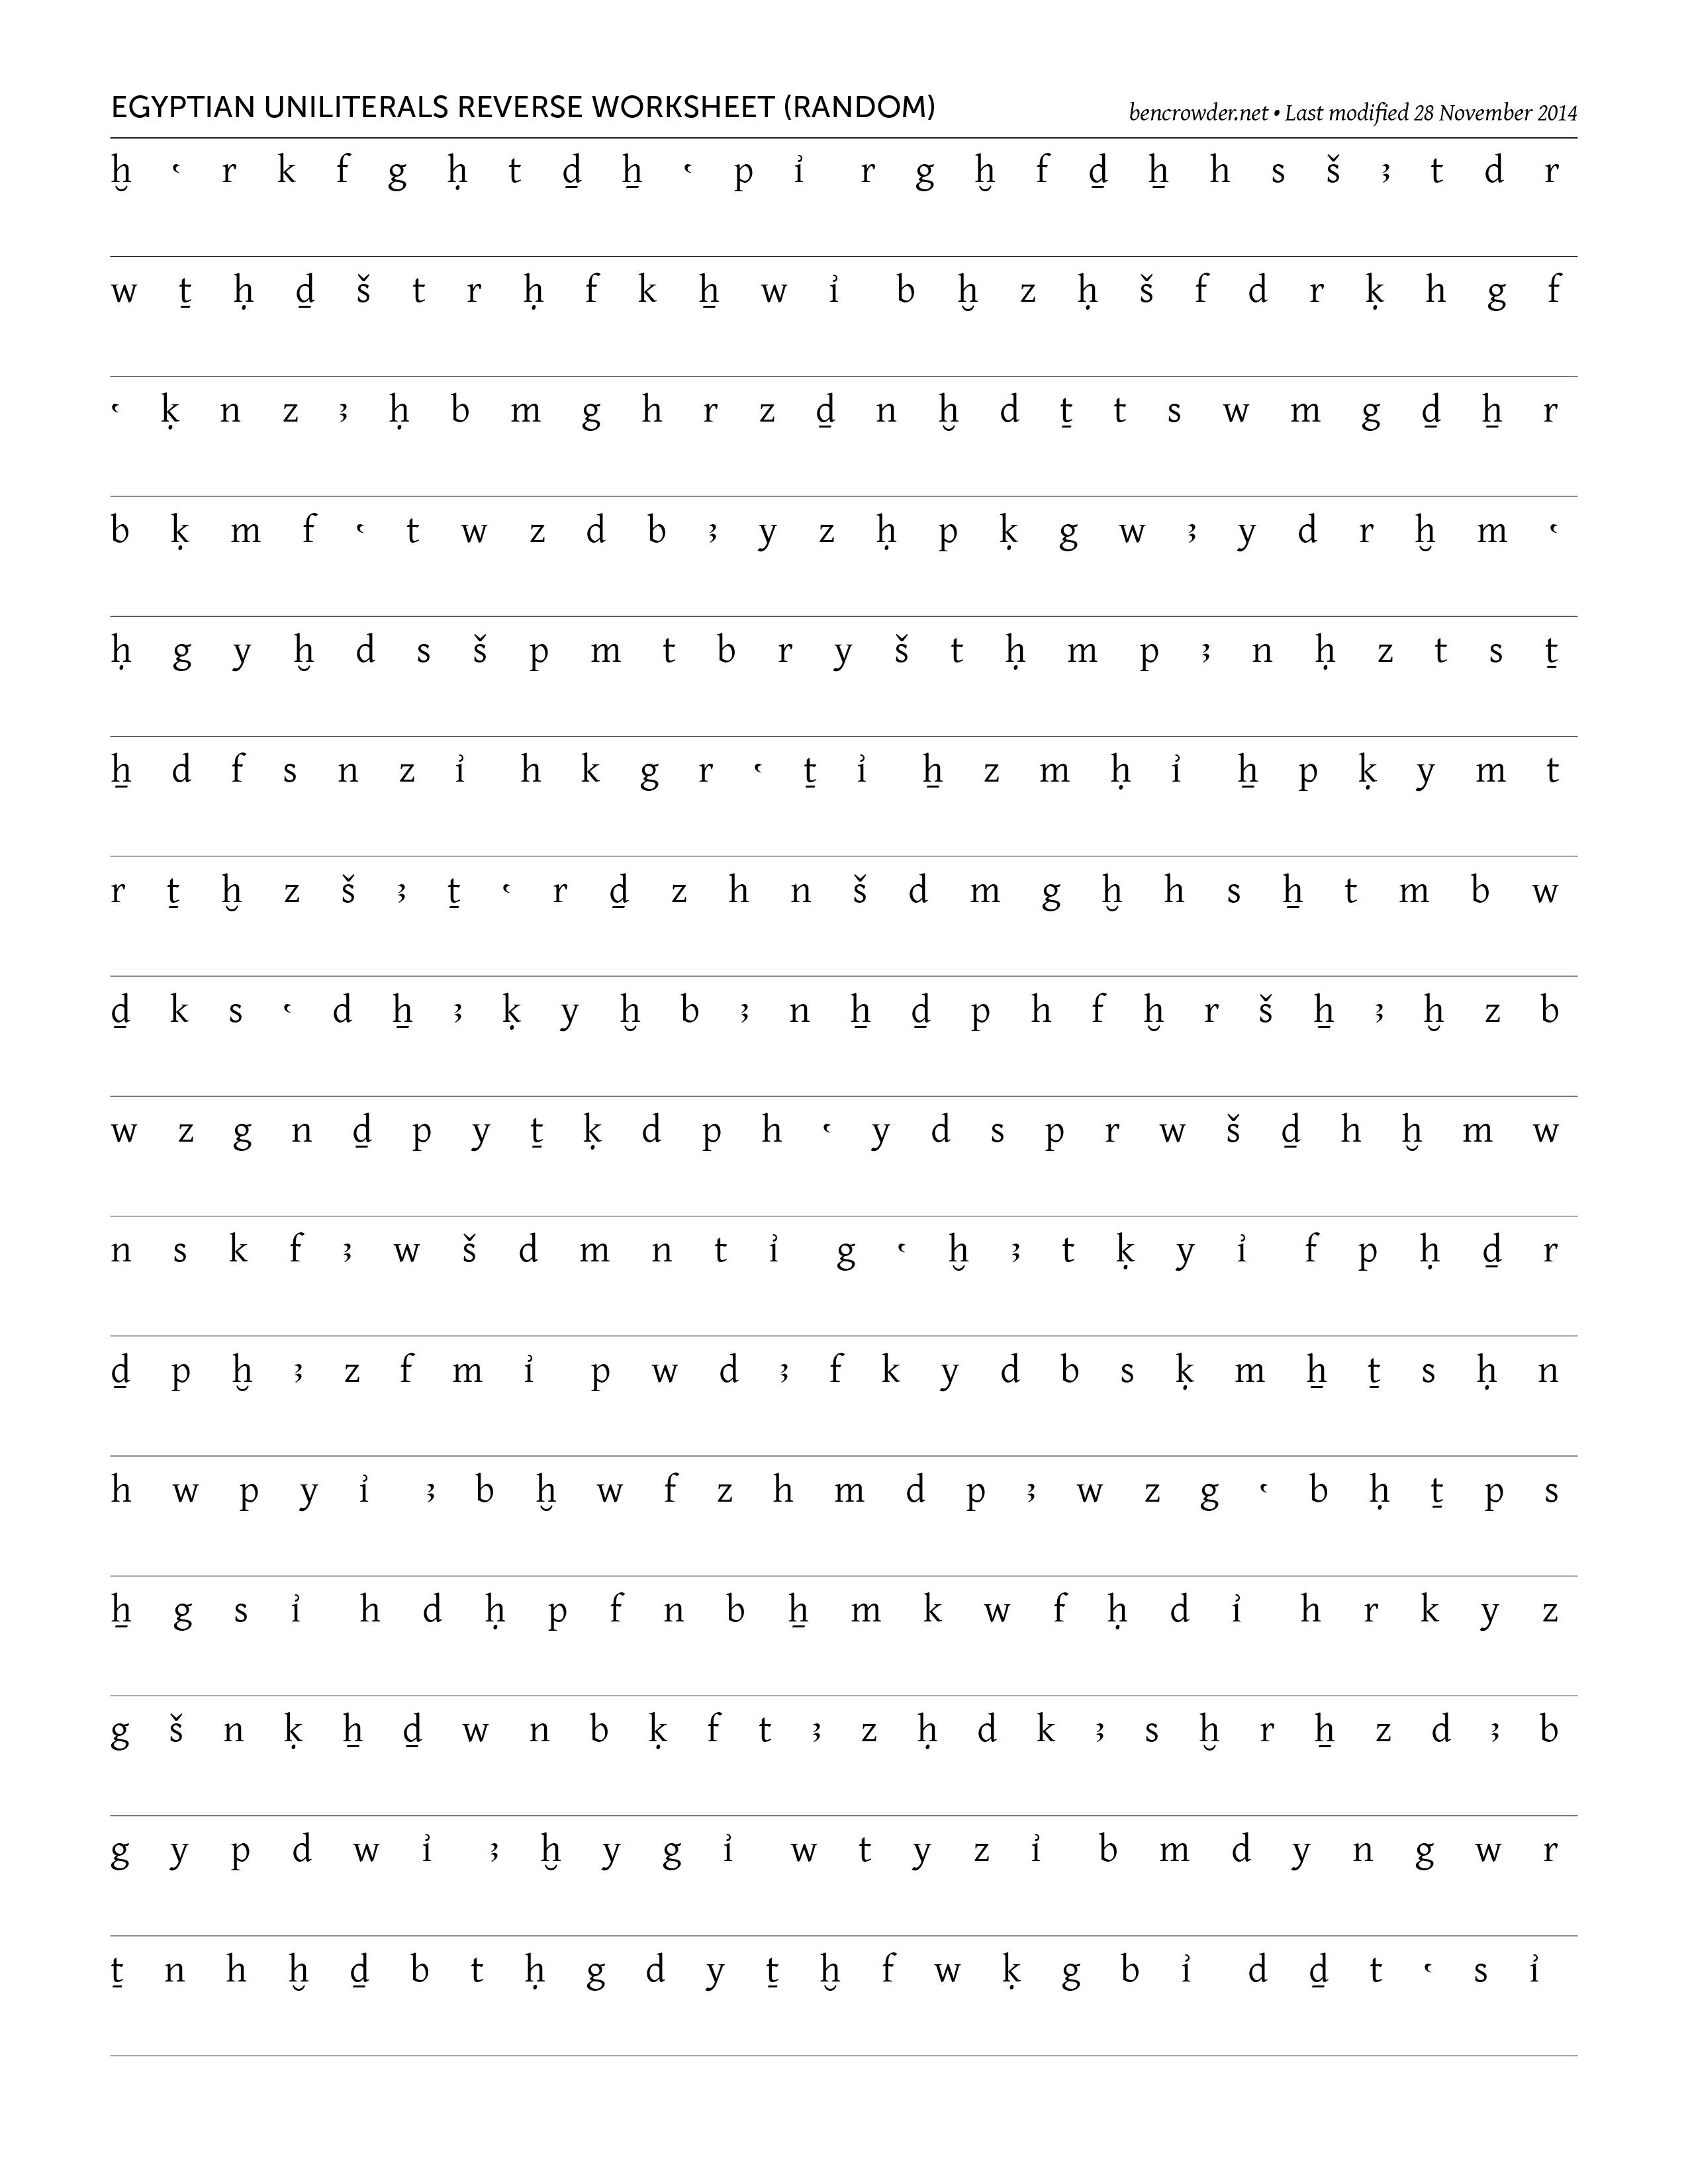 Egyptian Uniliterals Reverse Random Worksheet